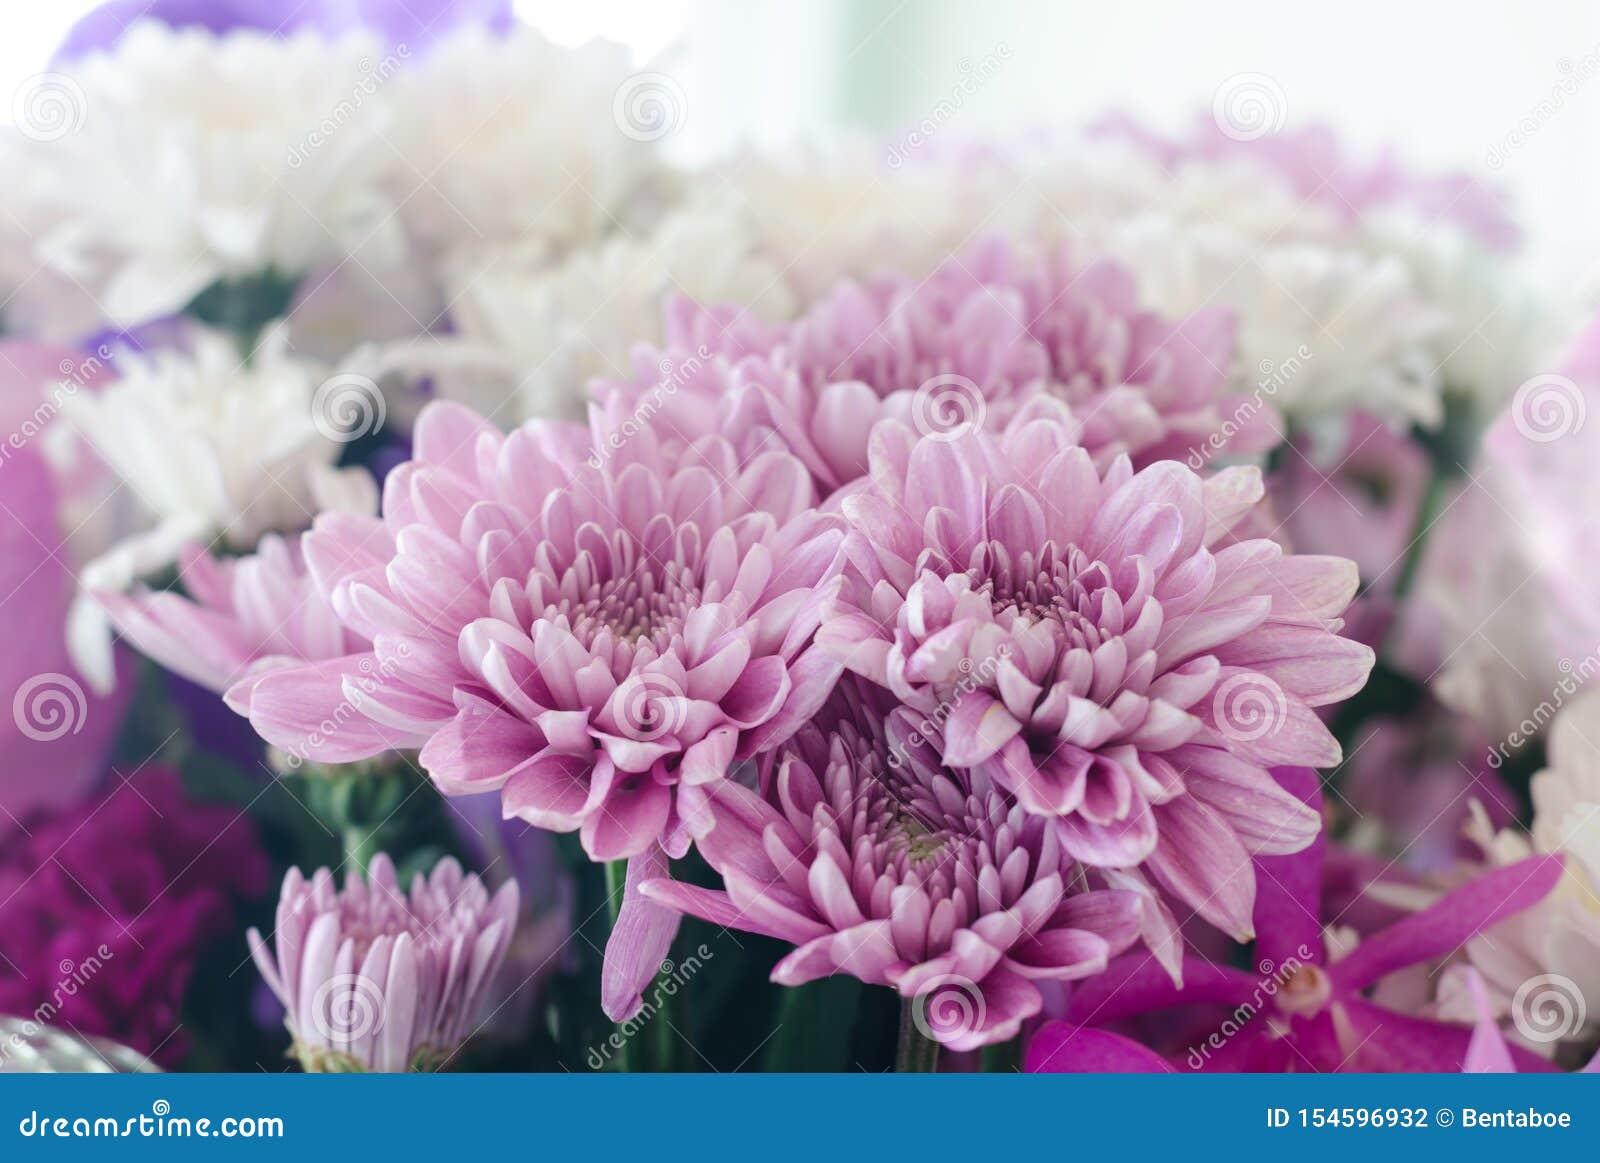 Fleur Mauve-clair De Chrysanthème Photo stock - Image du ...